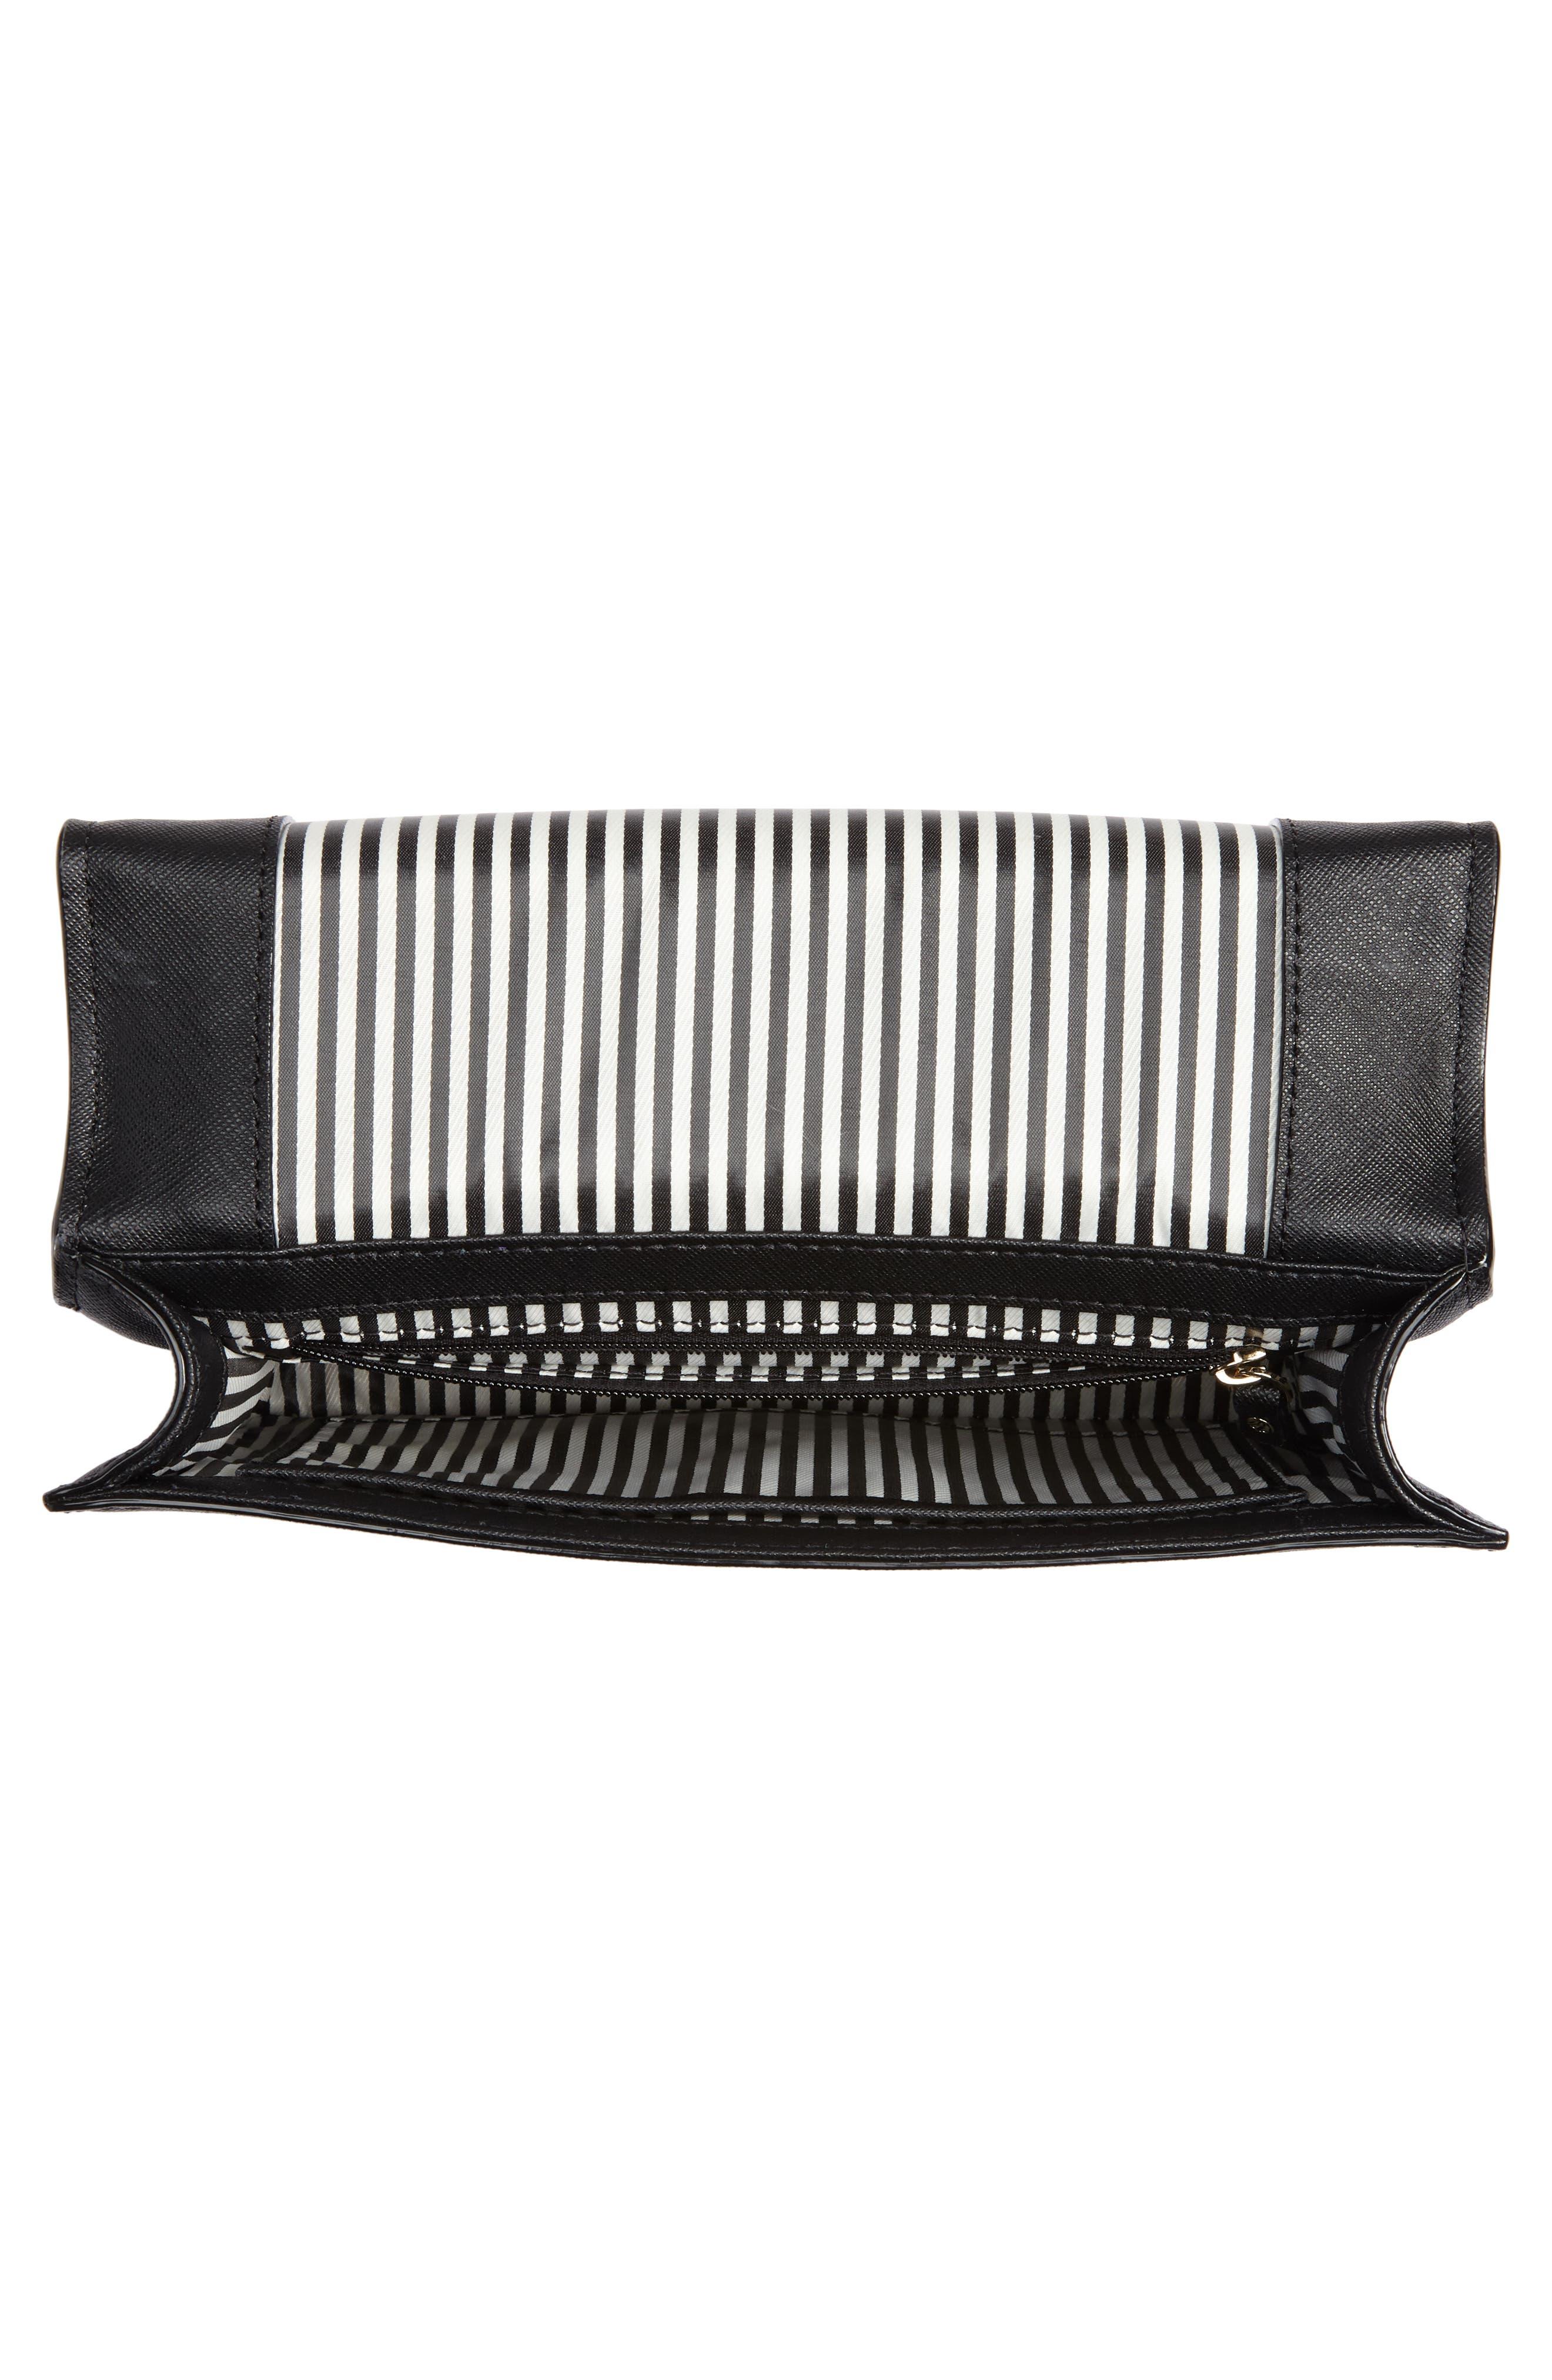 cameron street marci leather shoulder bag,                             Alternate thumbnail 6, color,                             Black